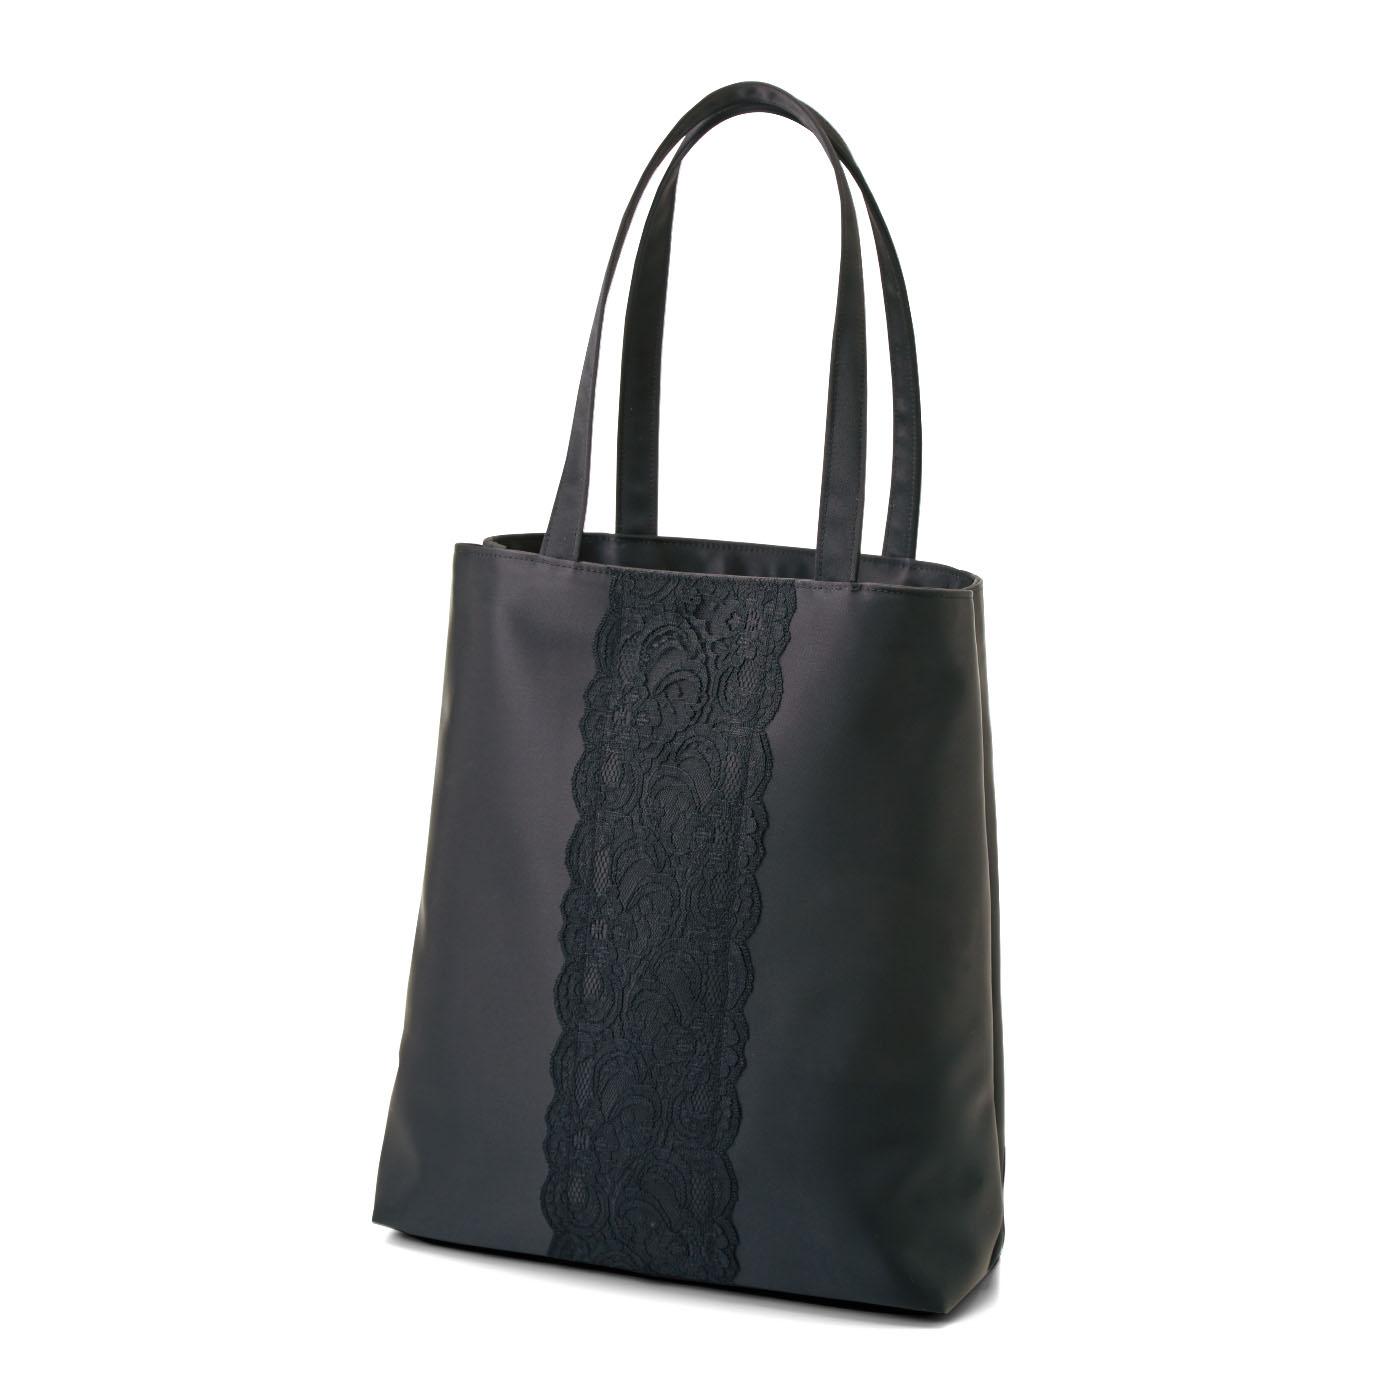 フェリシモ フォーマルシーンの持ち物を スマートにひとまとめ 上品ブラックバッグ